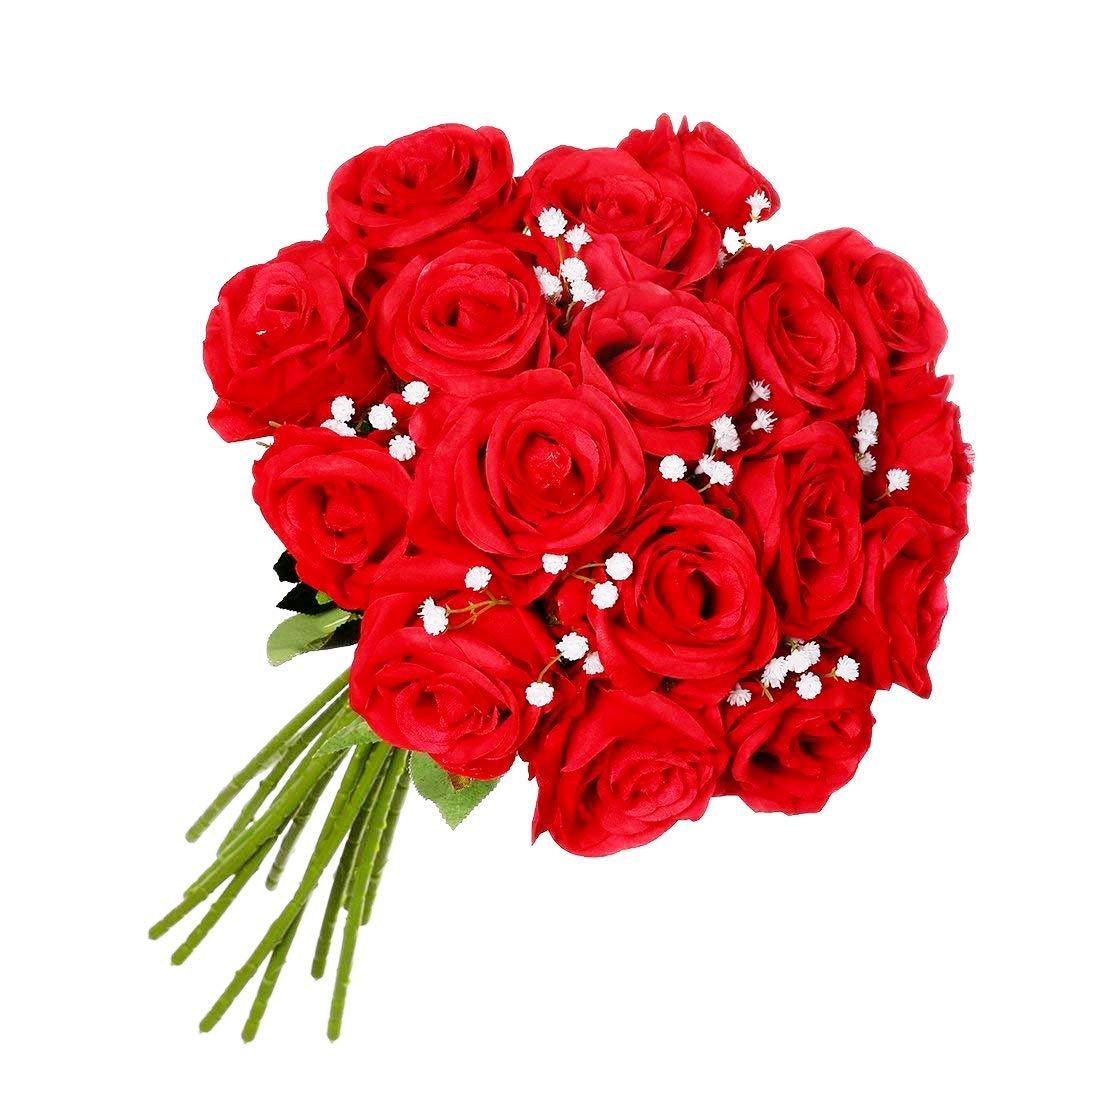 Justoyou, set di 9 rose artificiali, in seta, colore rosso, bouquet realistico, con gipsofila bianca, ideale per decorazione della casa o per le nozze J-9JBMGHOS1MTX